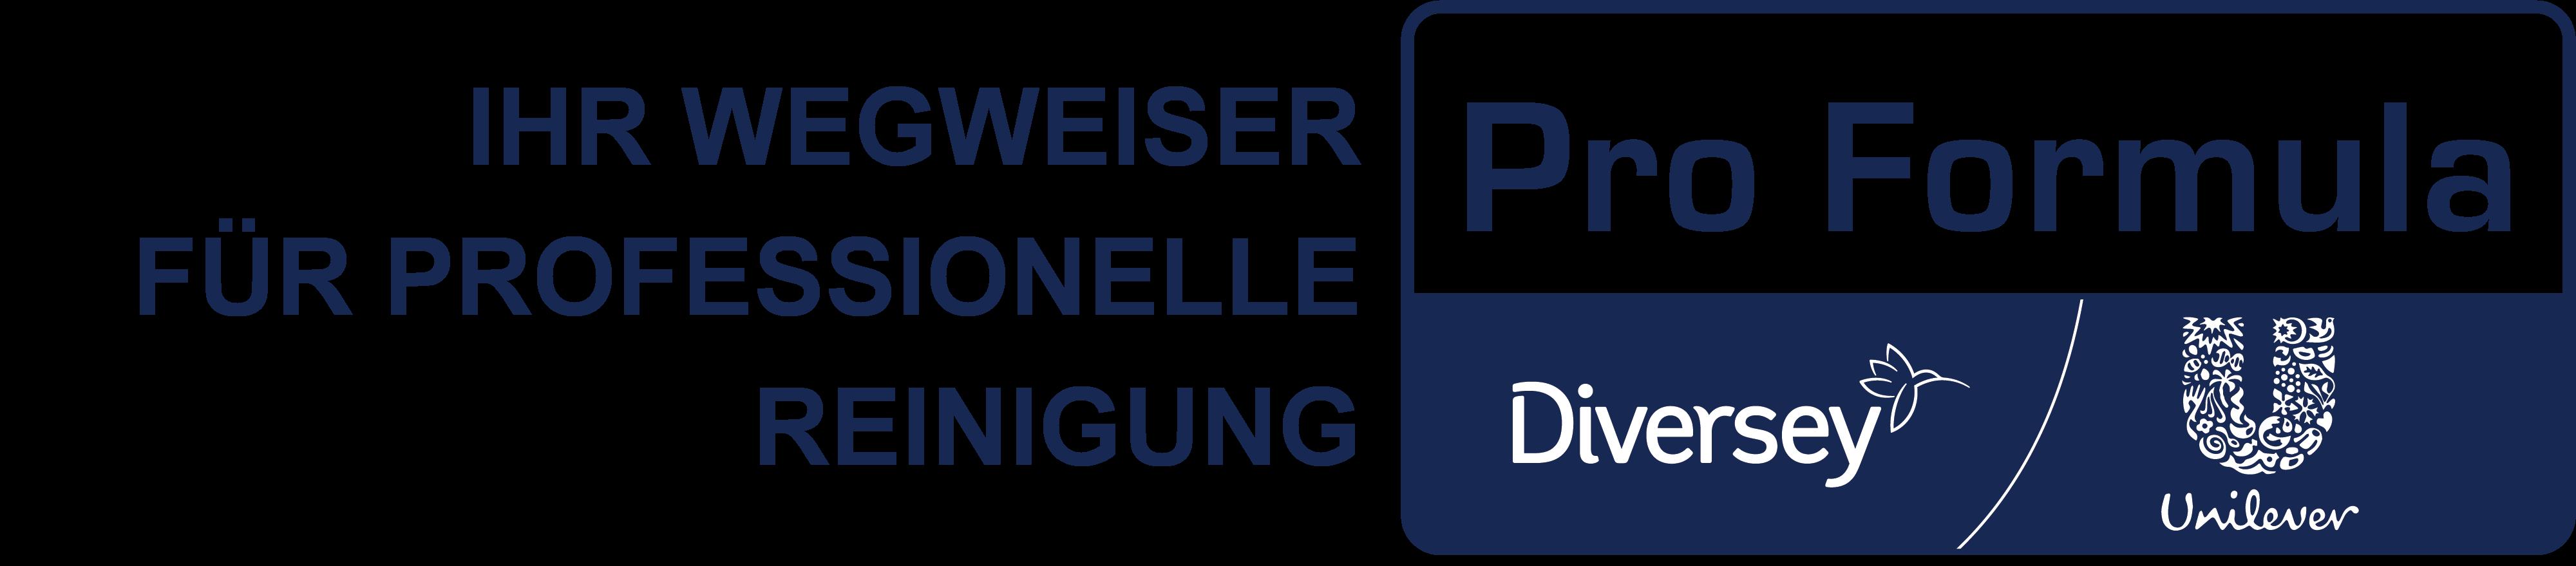 NEW Pro Formula logo_DE (1)